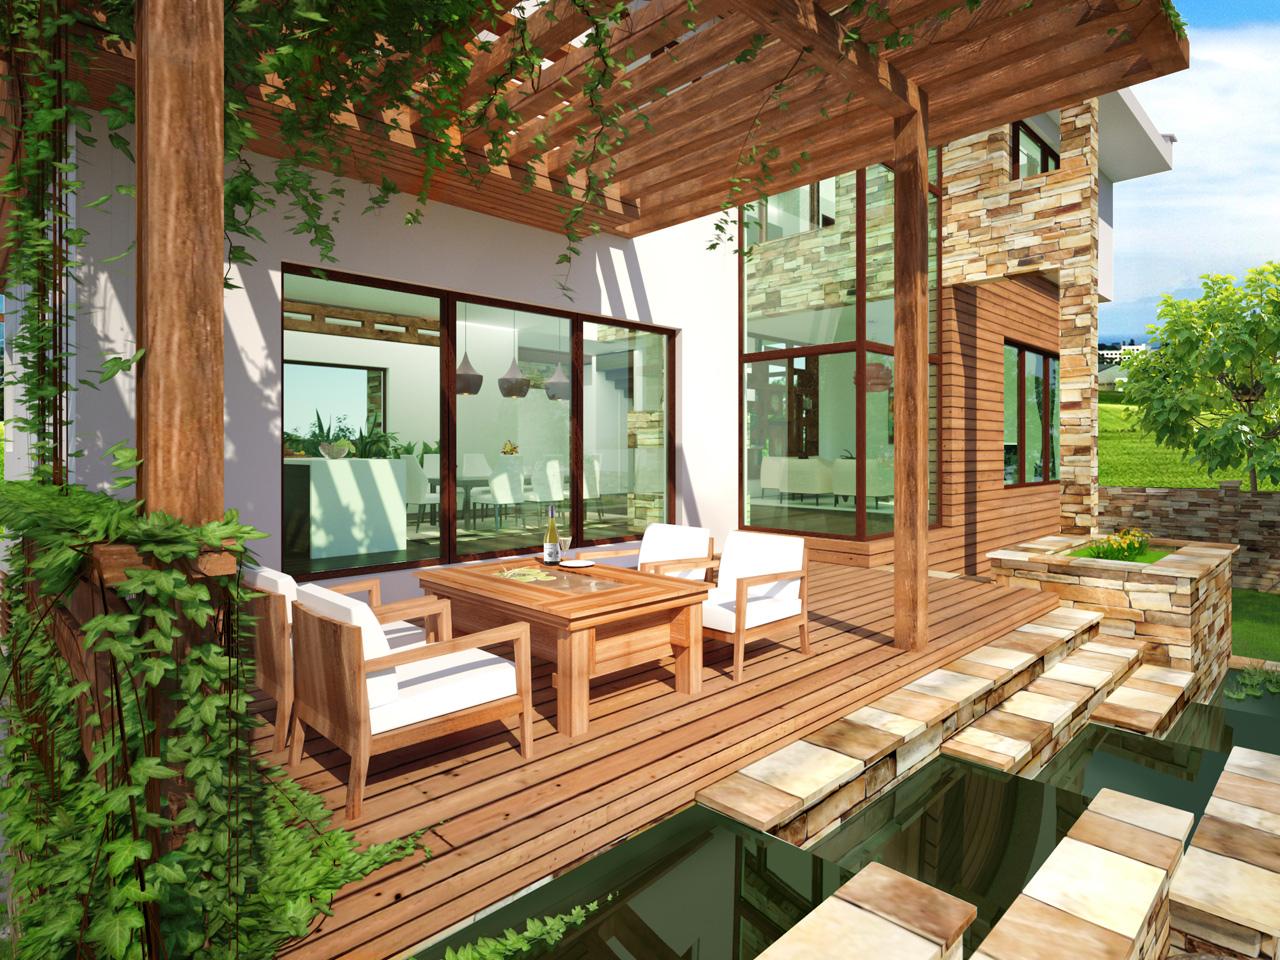 еднофамилна къща ТЕРРА - кът за почивка на открито